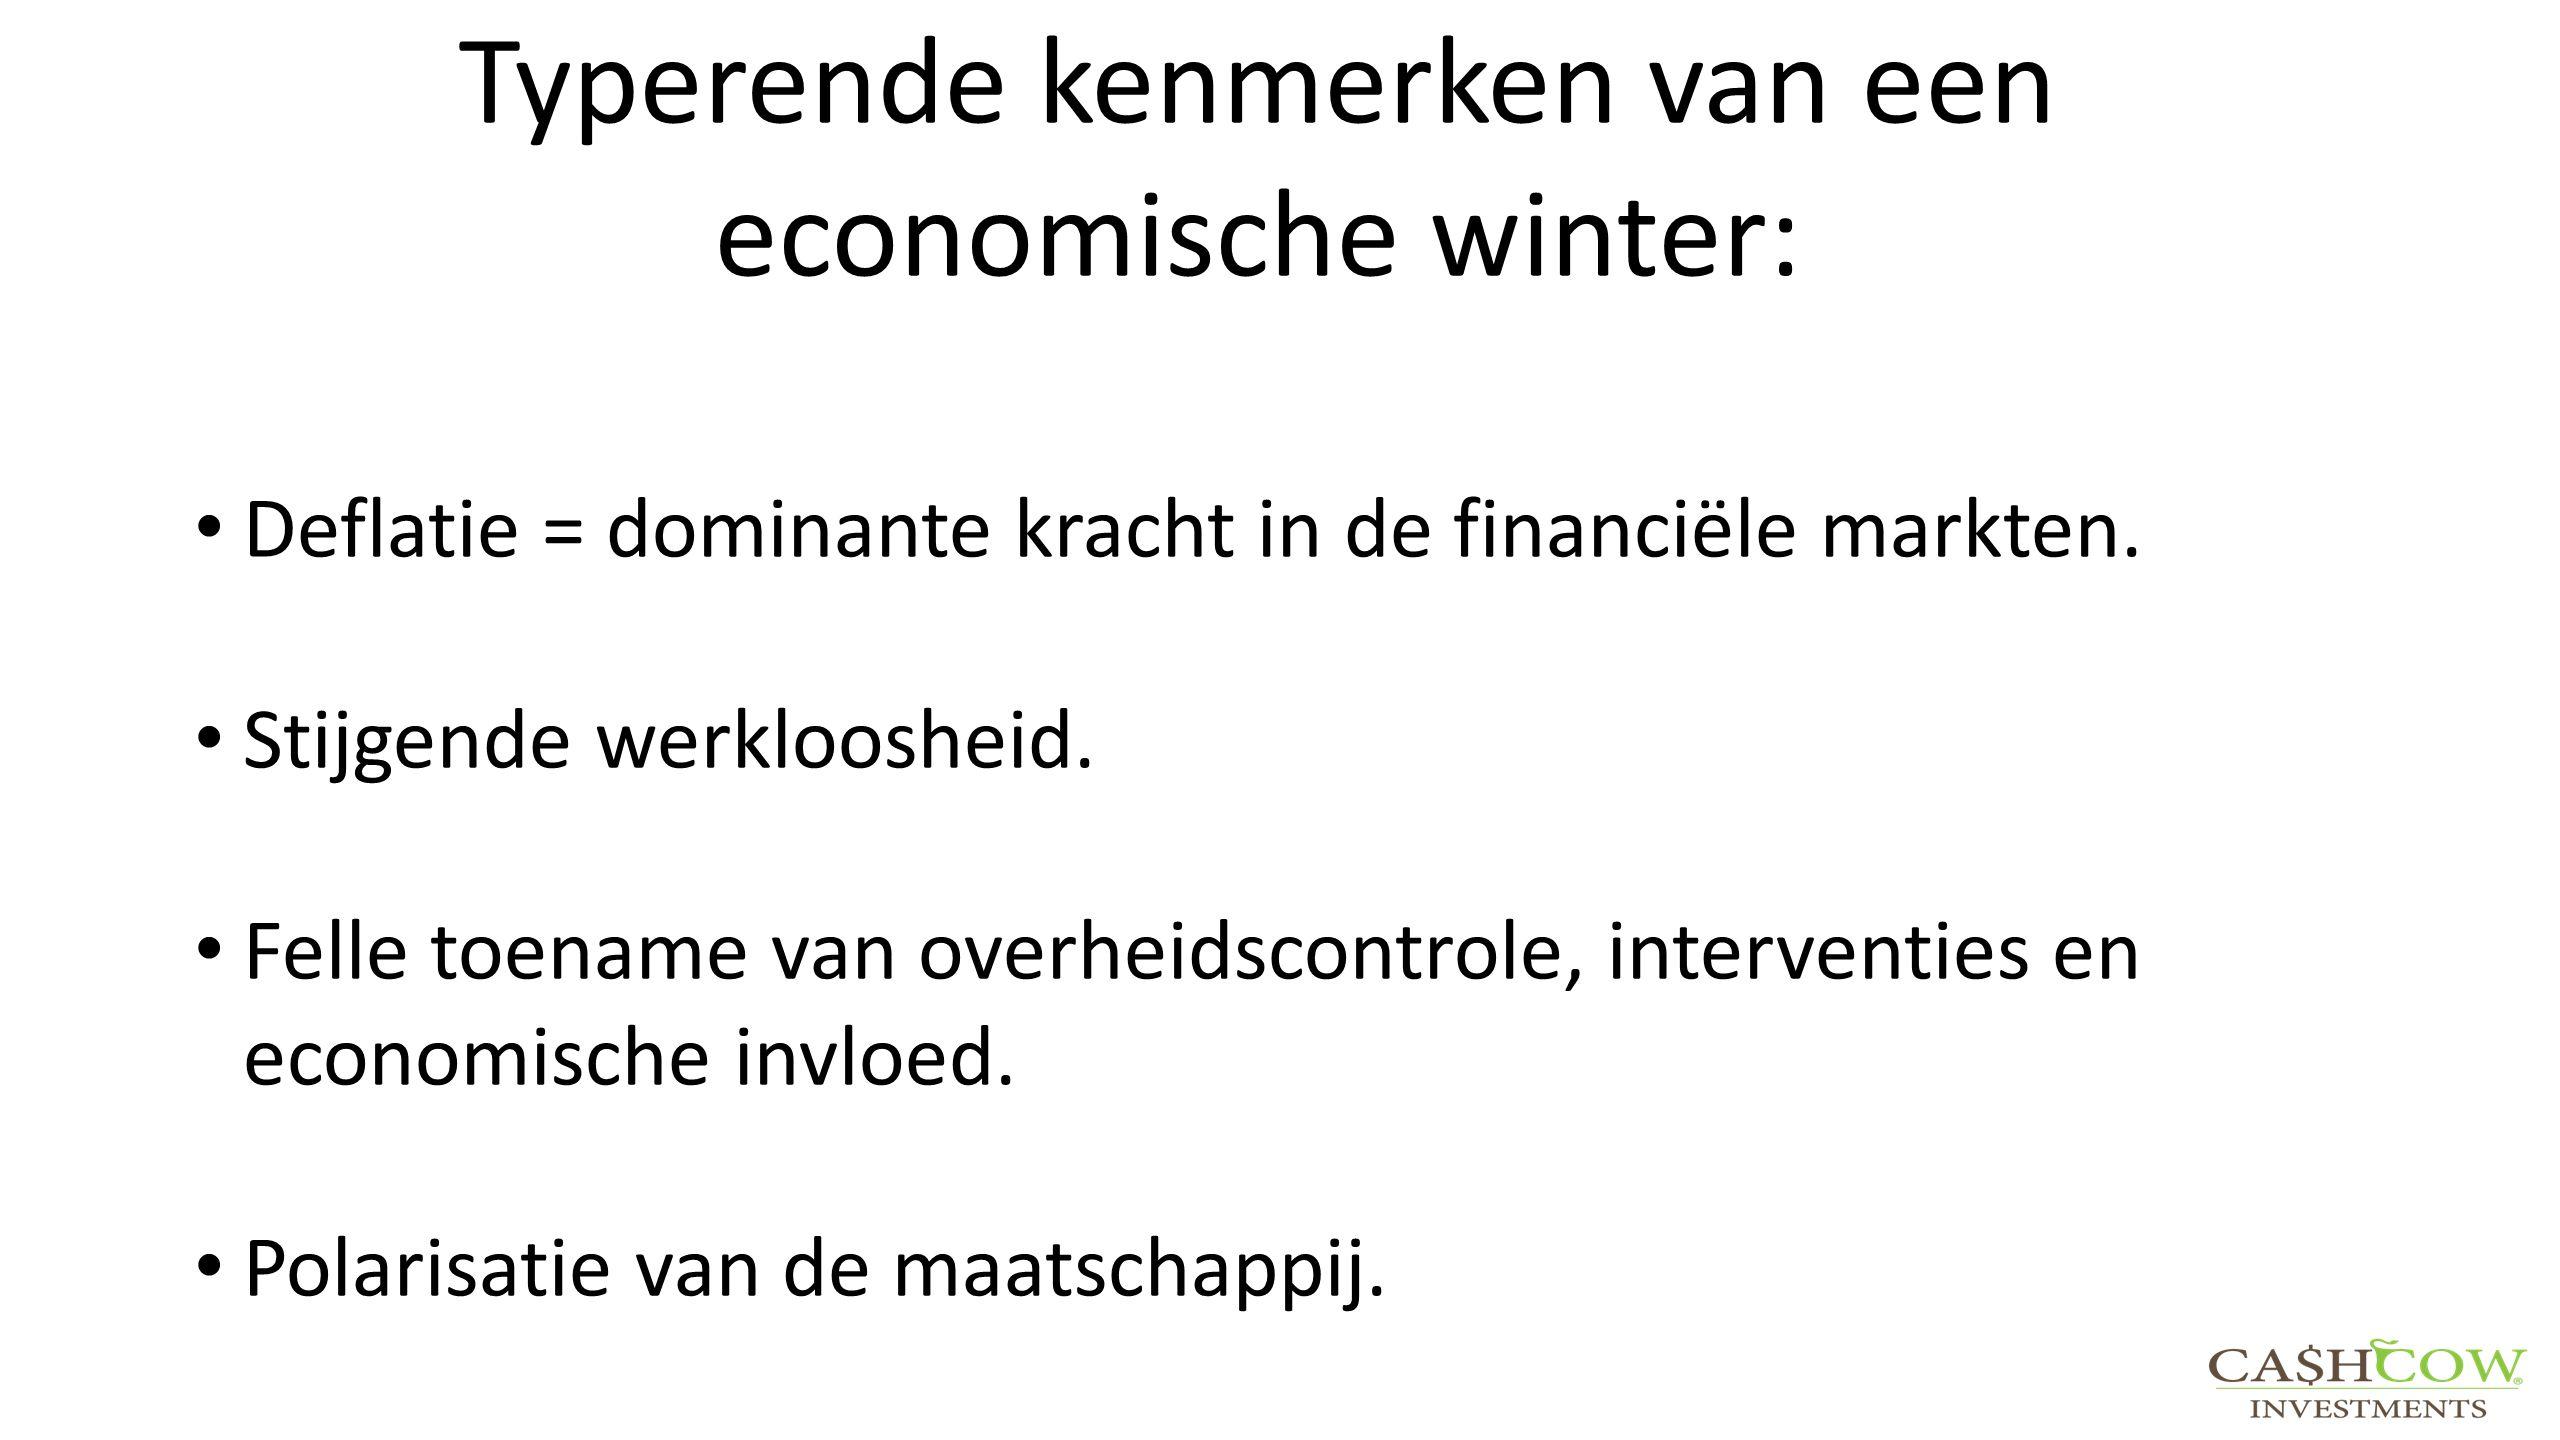 Typerende kenmerken van een economische winter: Deflatie = dominante kracht in de financiële markten.